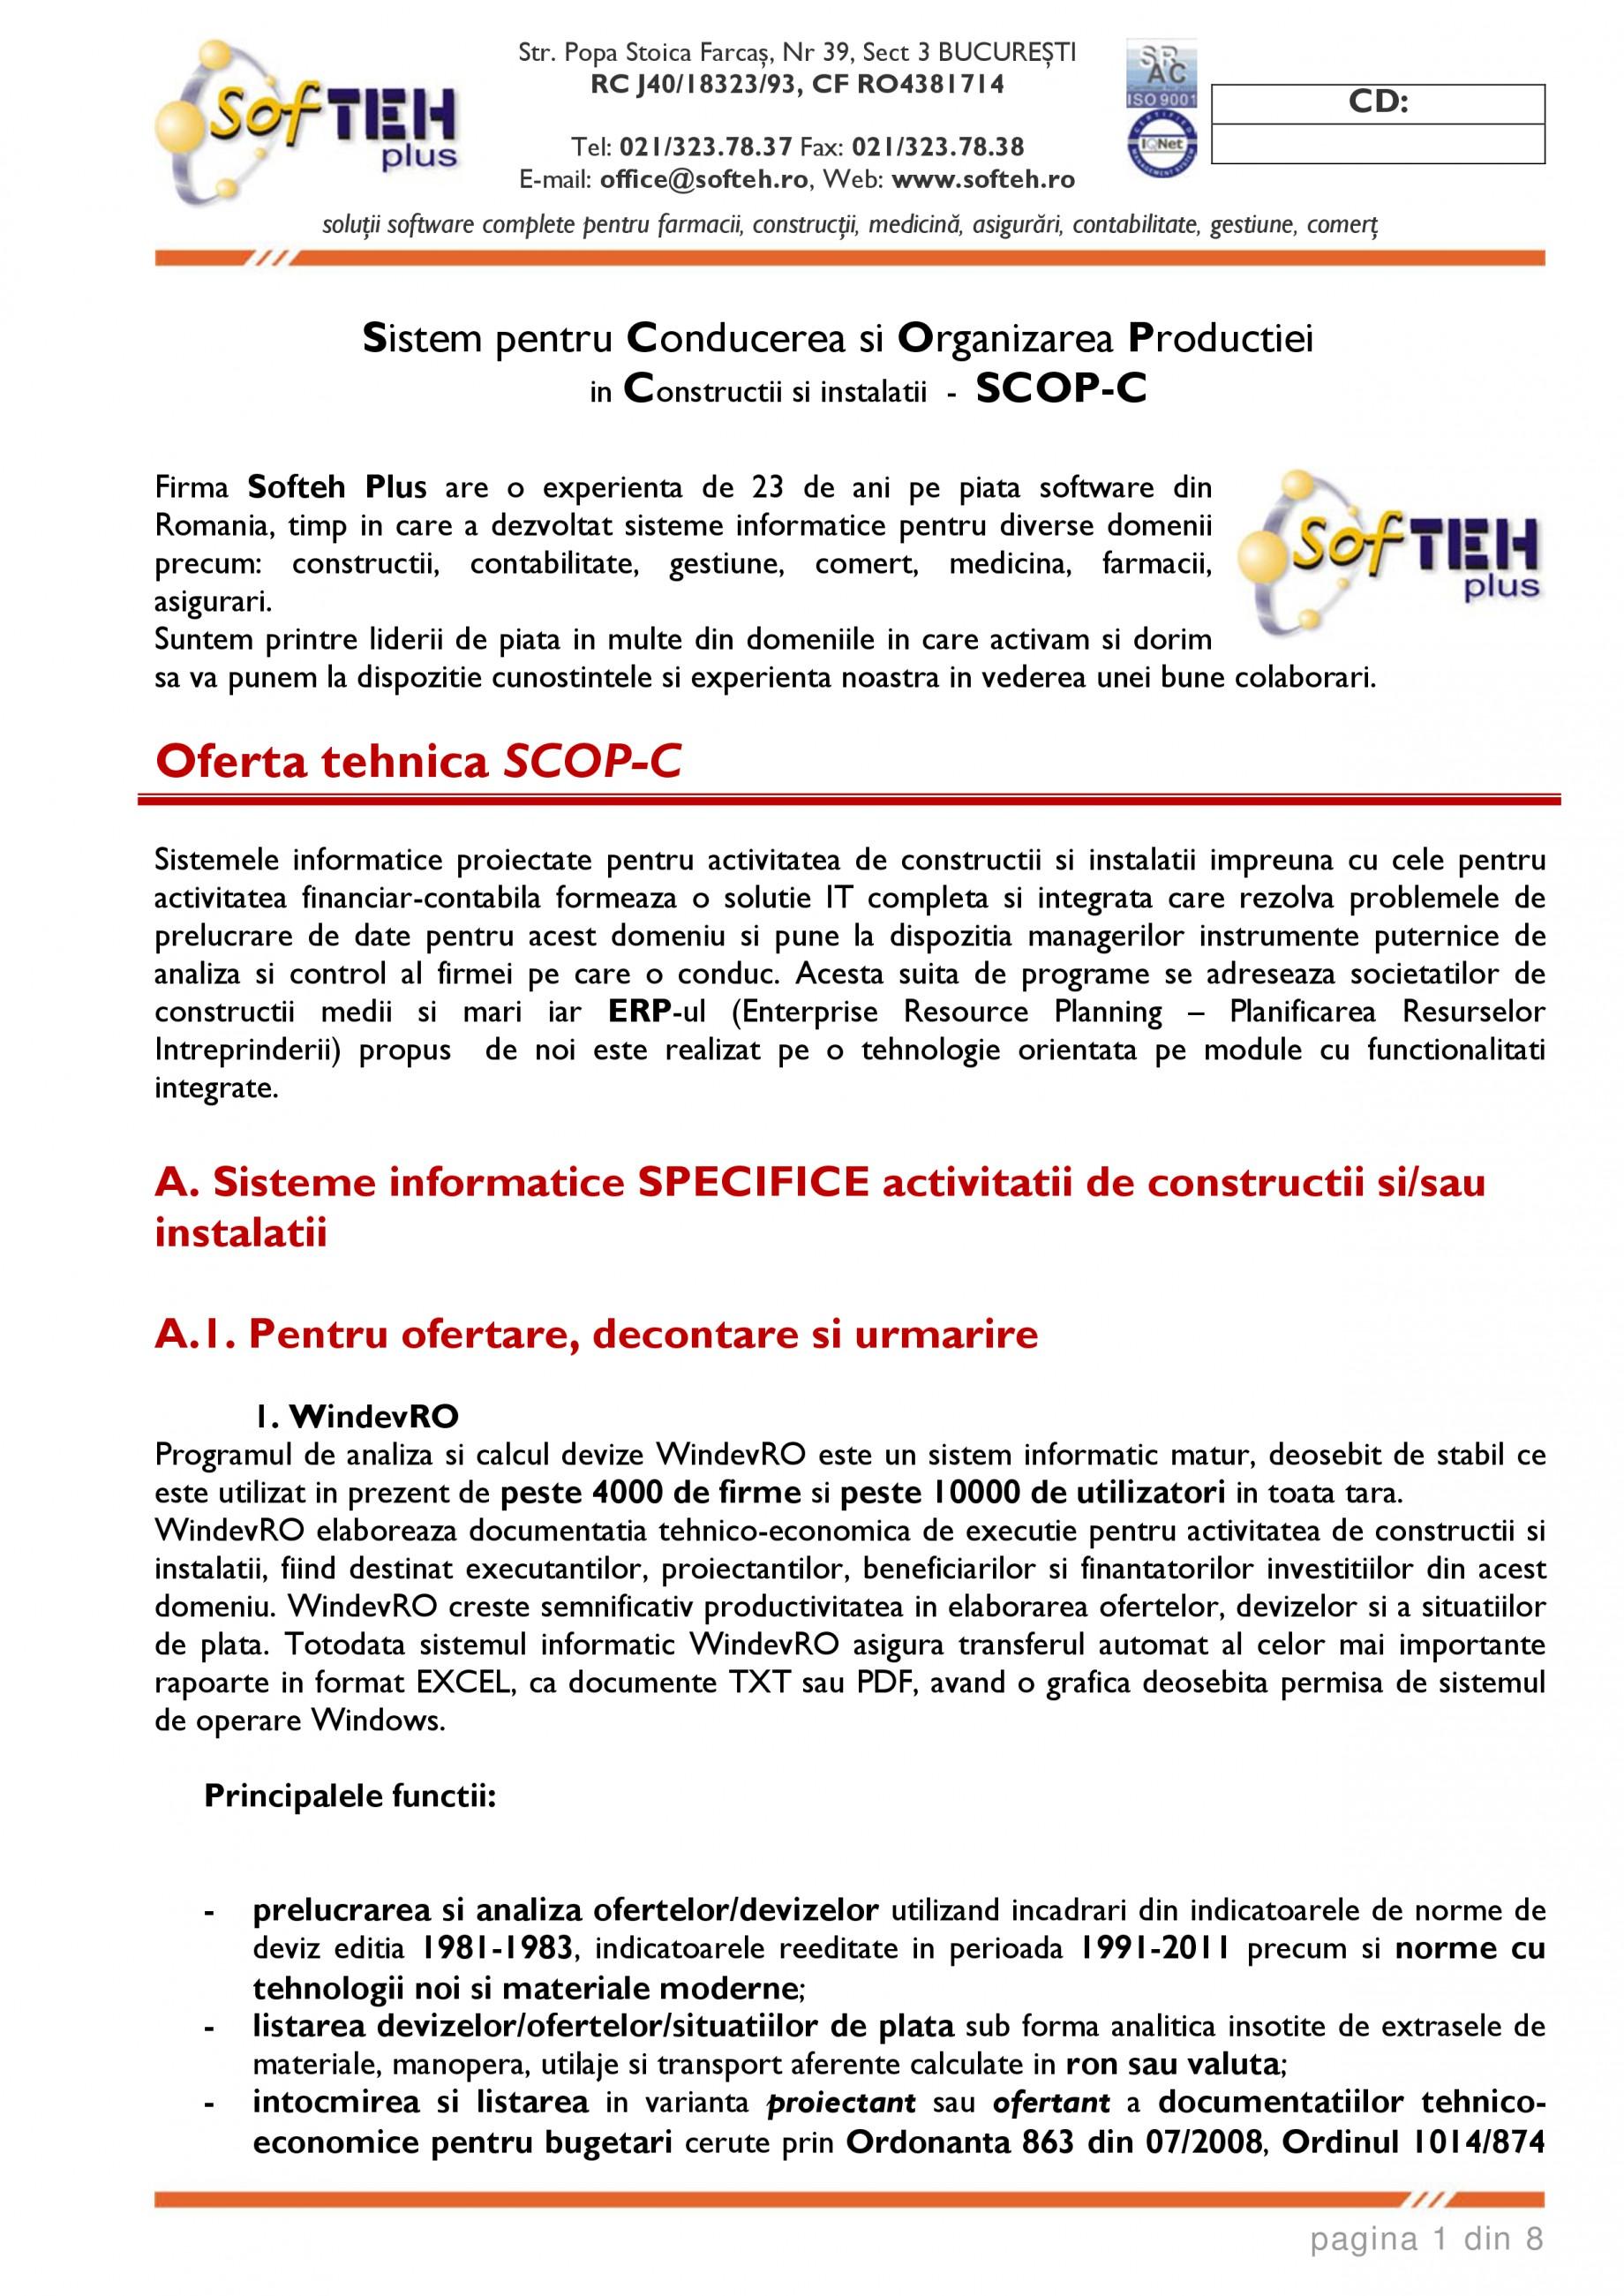 Catalog, brosura SCOP-C - Sistem pentru conducerea si organizarea productiei in constructii si instalatii SOFTEH PLUS Sistemul ERP - Planificarea Resurselor Intreprinderii SOFTEH PLUS  - Pagina 1